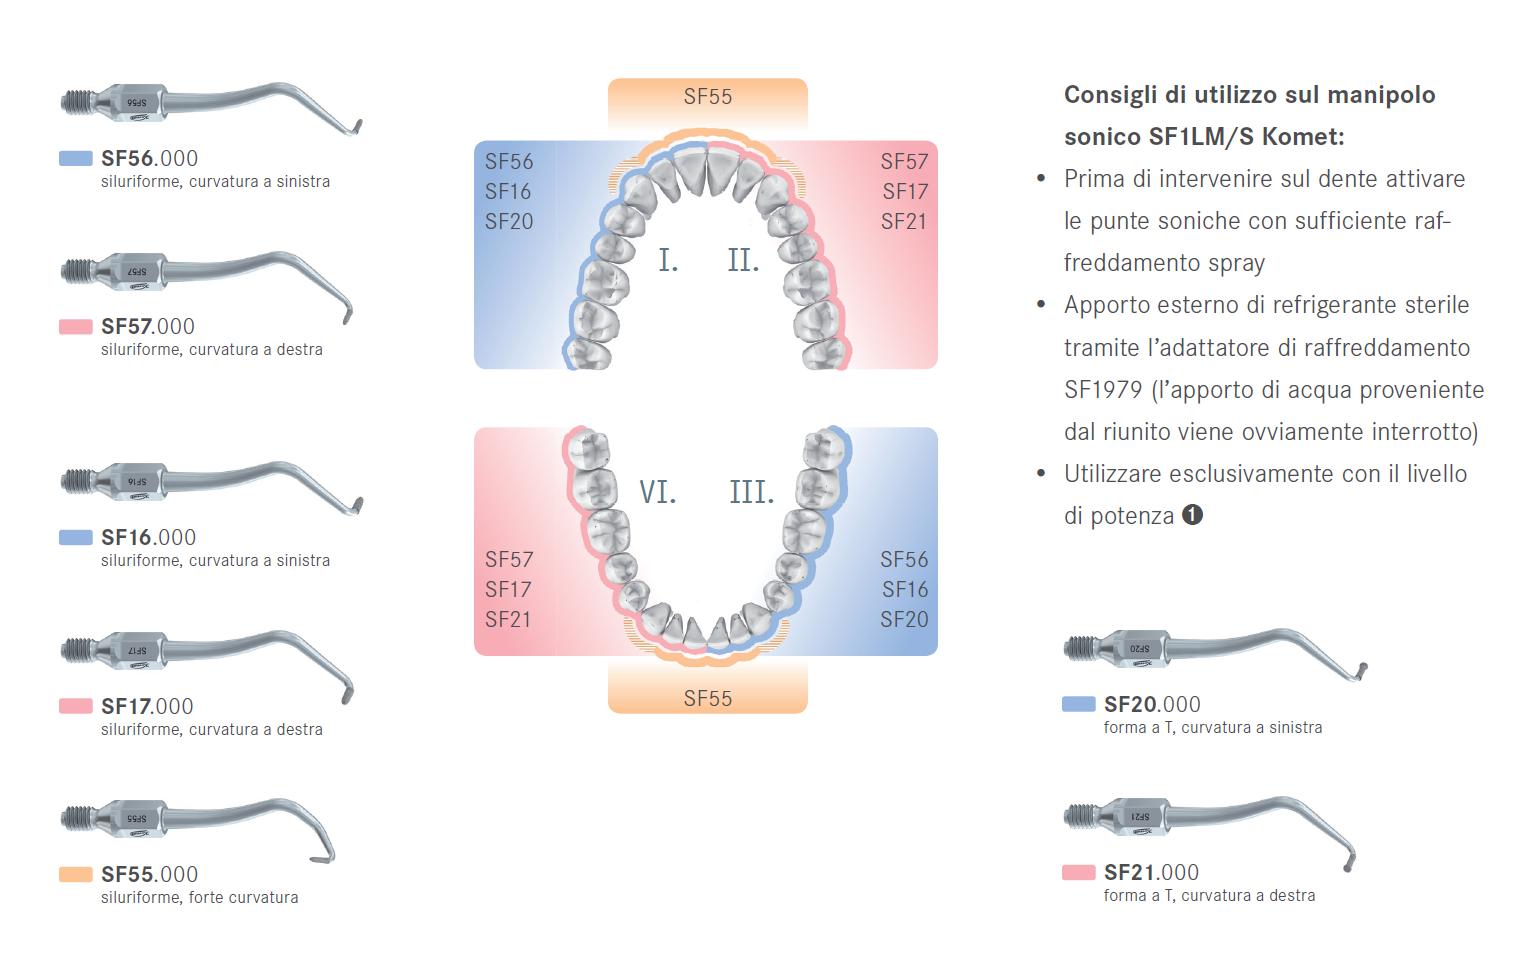 Punte soniche per endodonzia retrogada